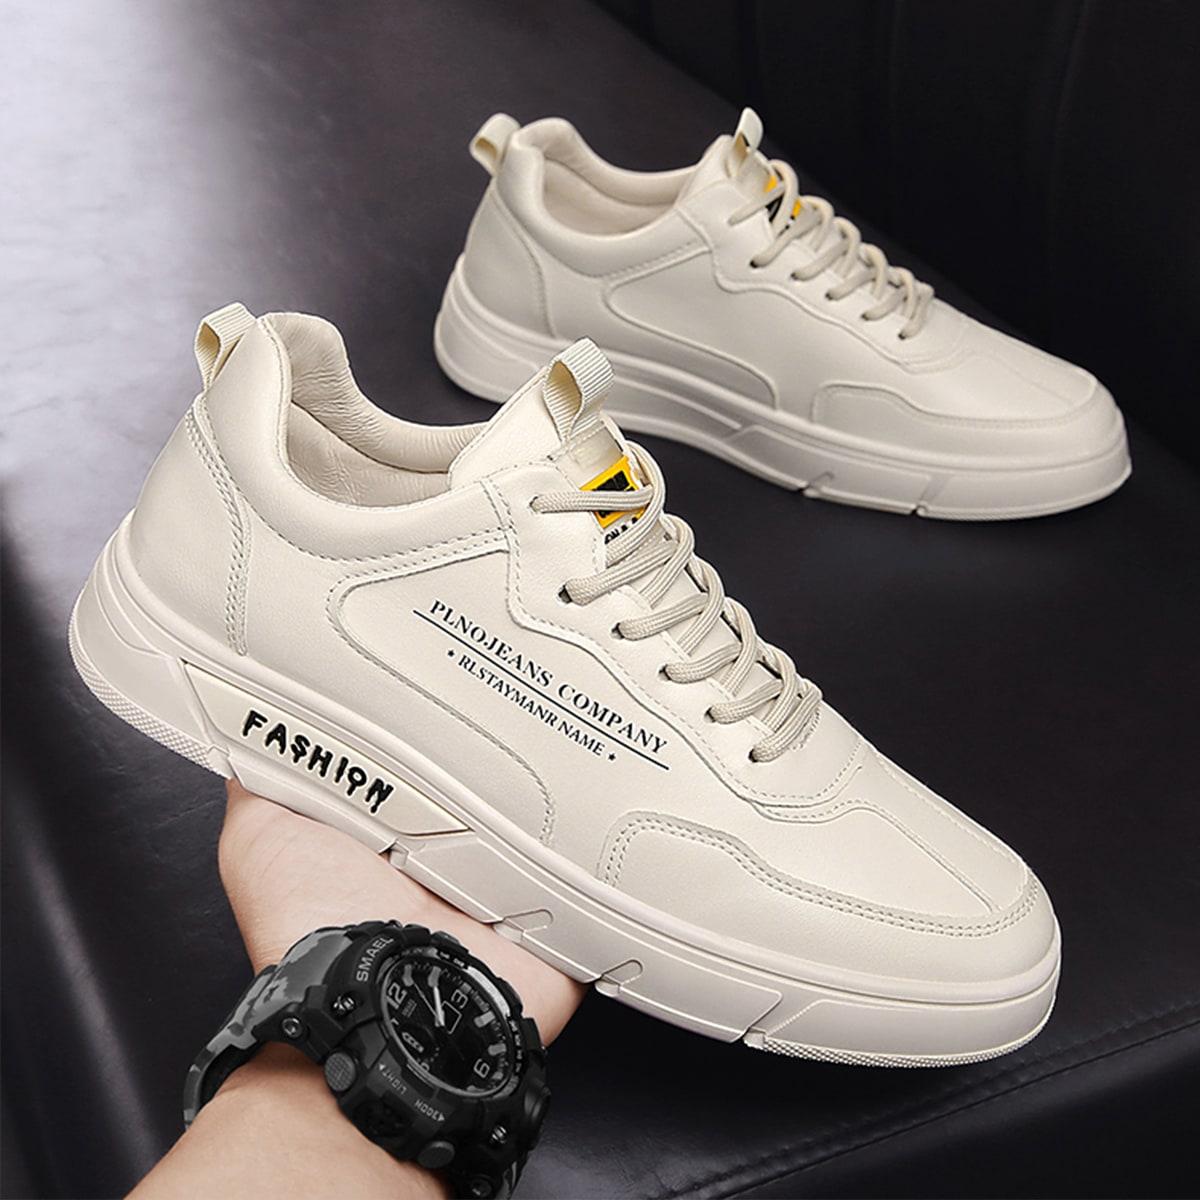 Кроссовки с текстовым принтом на шнурках для мужчины